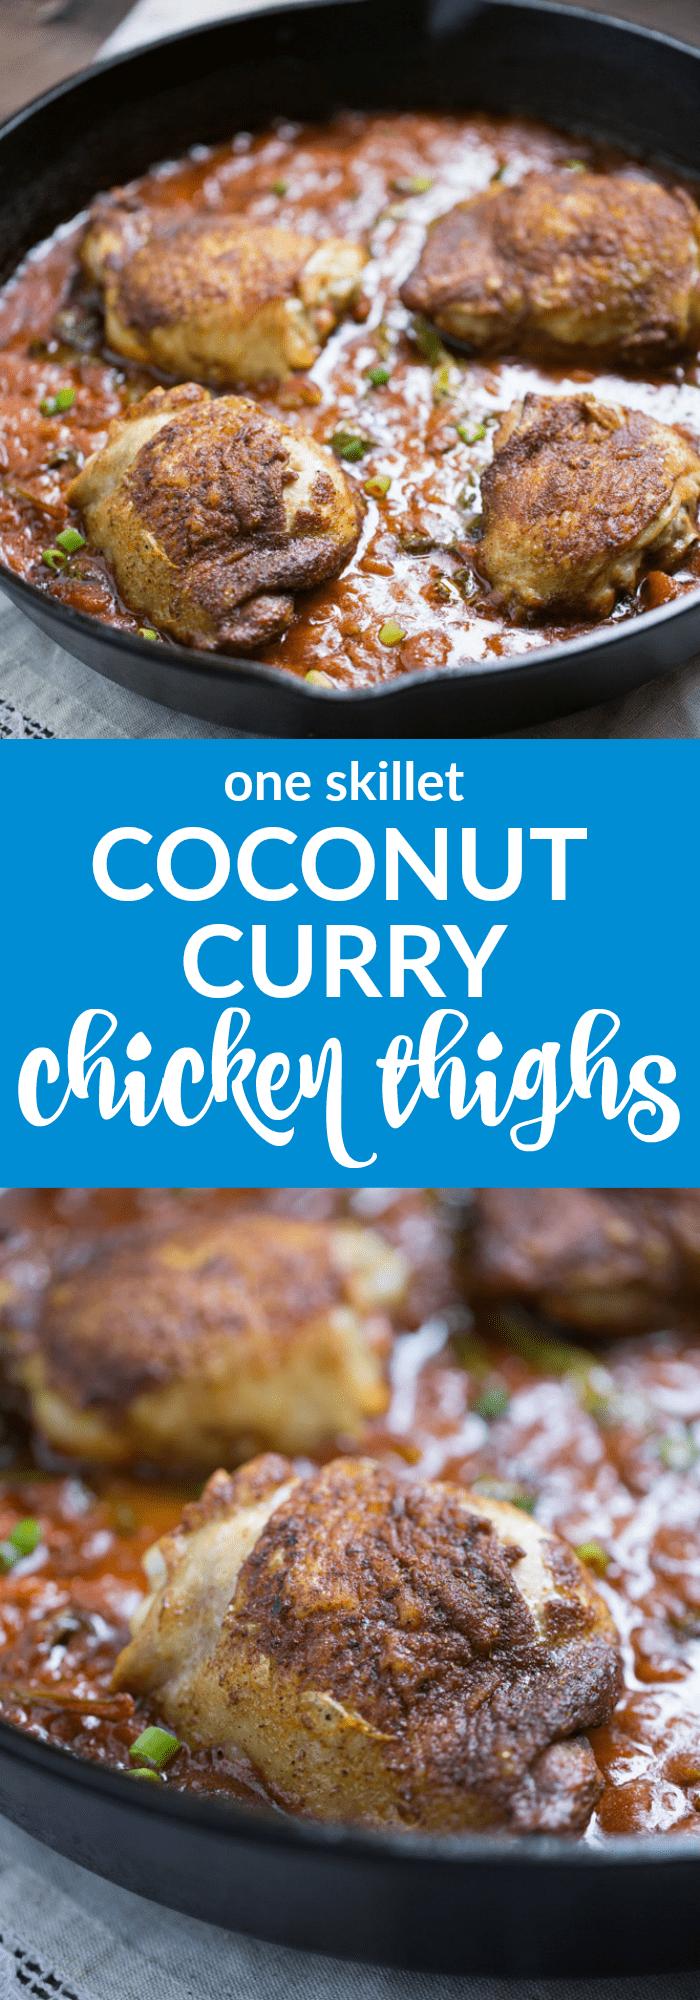 One Skillet Coconut Curry Chicken Salad (gluten free + paleo)